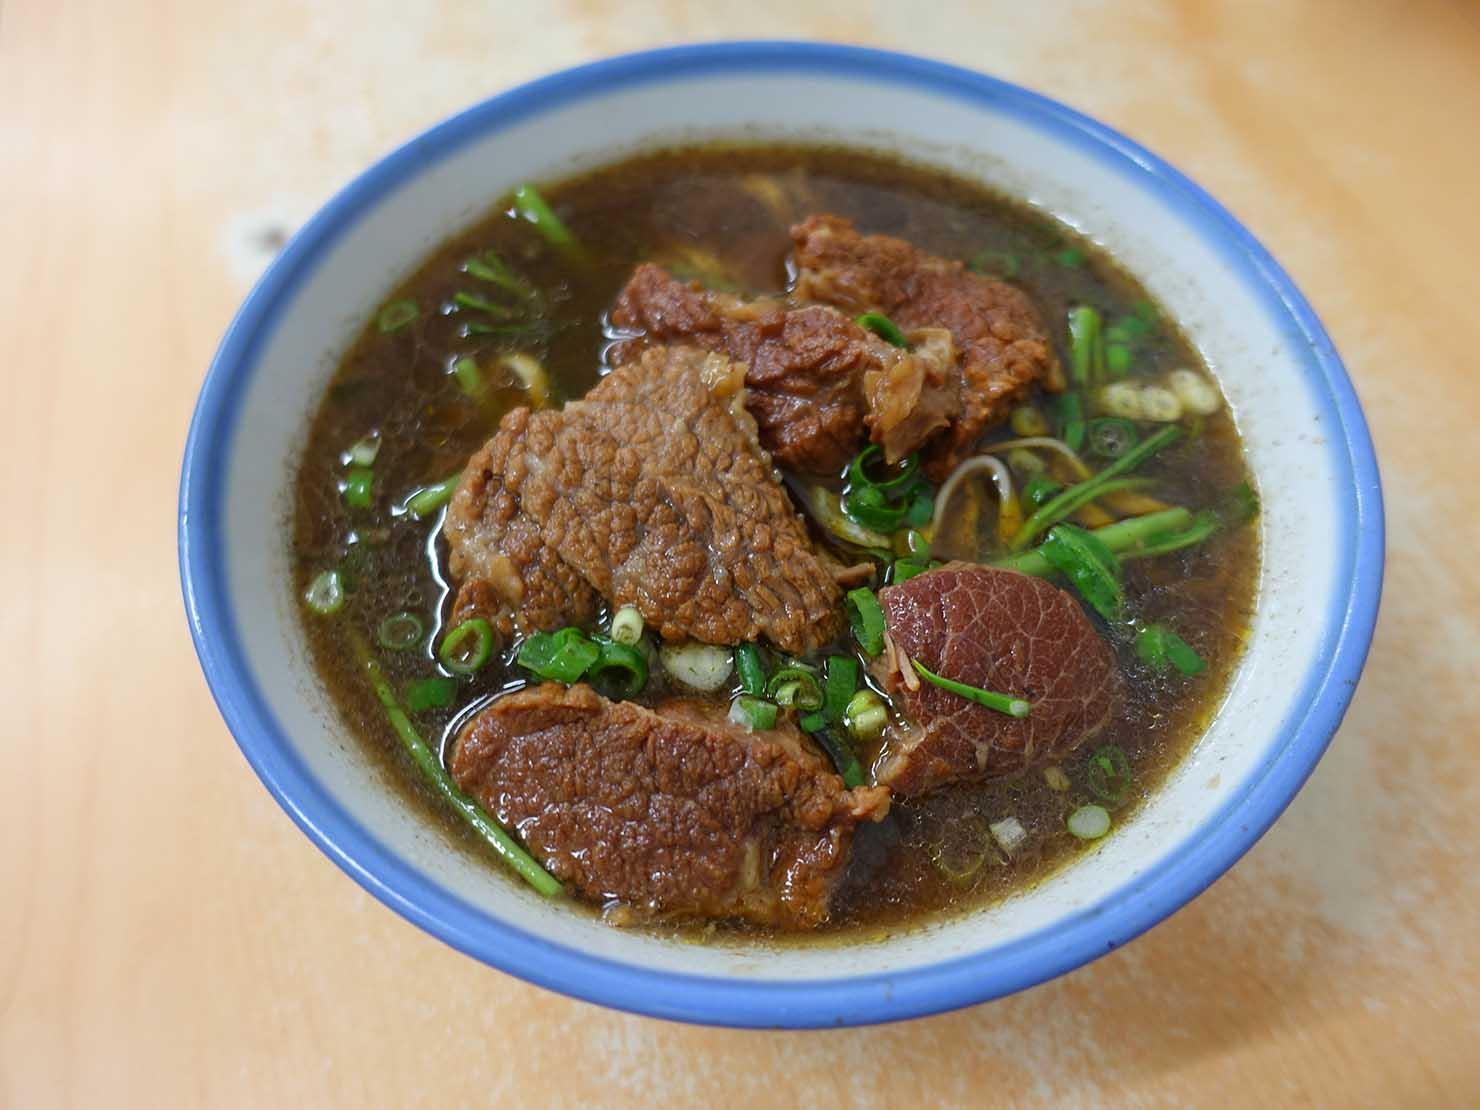 台北・忠孝新生駅周辺のおすすめグルメ店「濟南牛肉麵」の紅燒牛肉麵